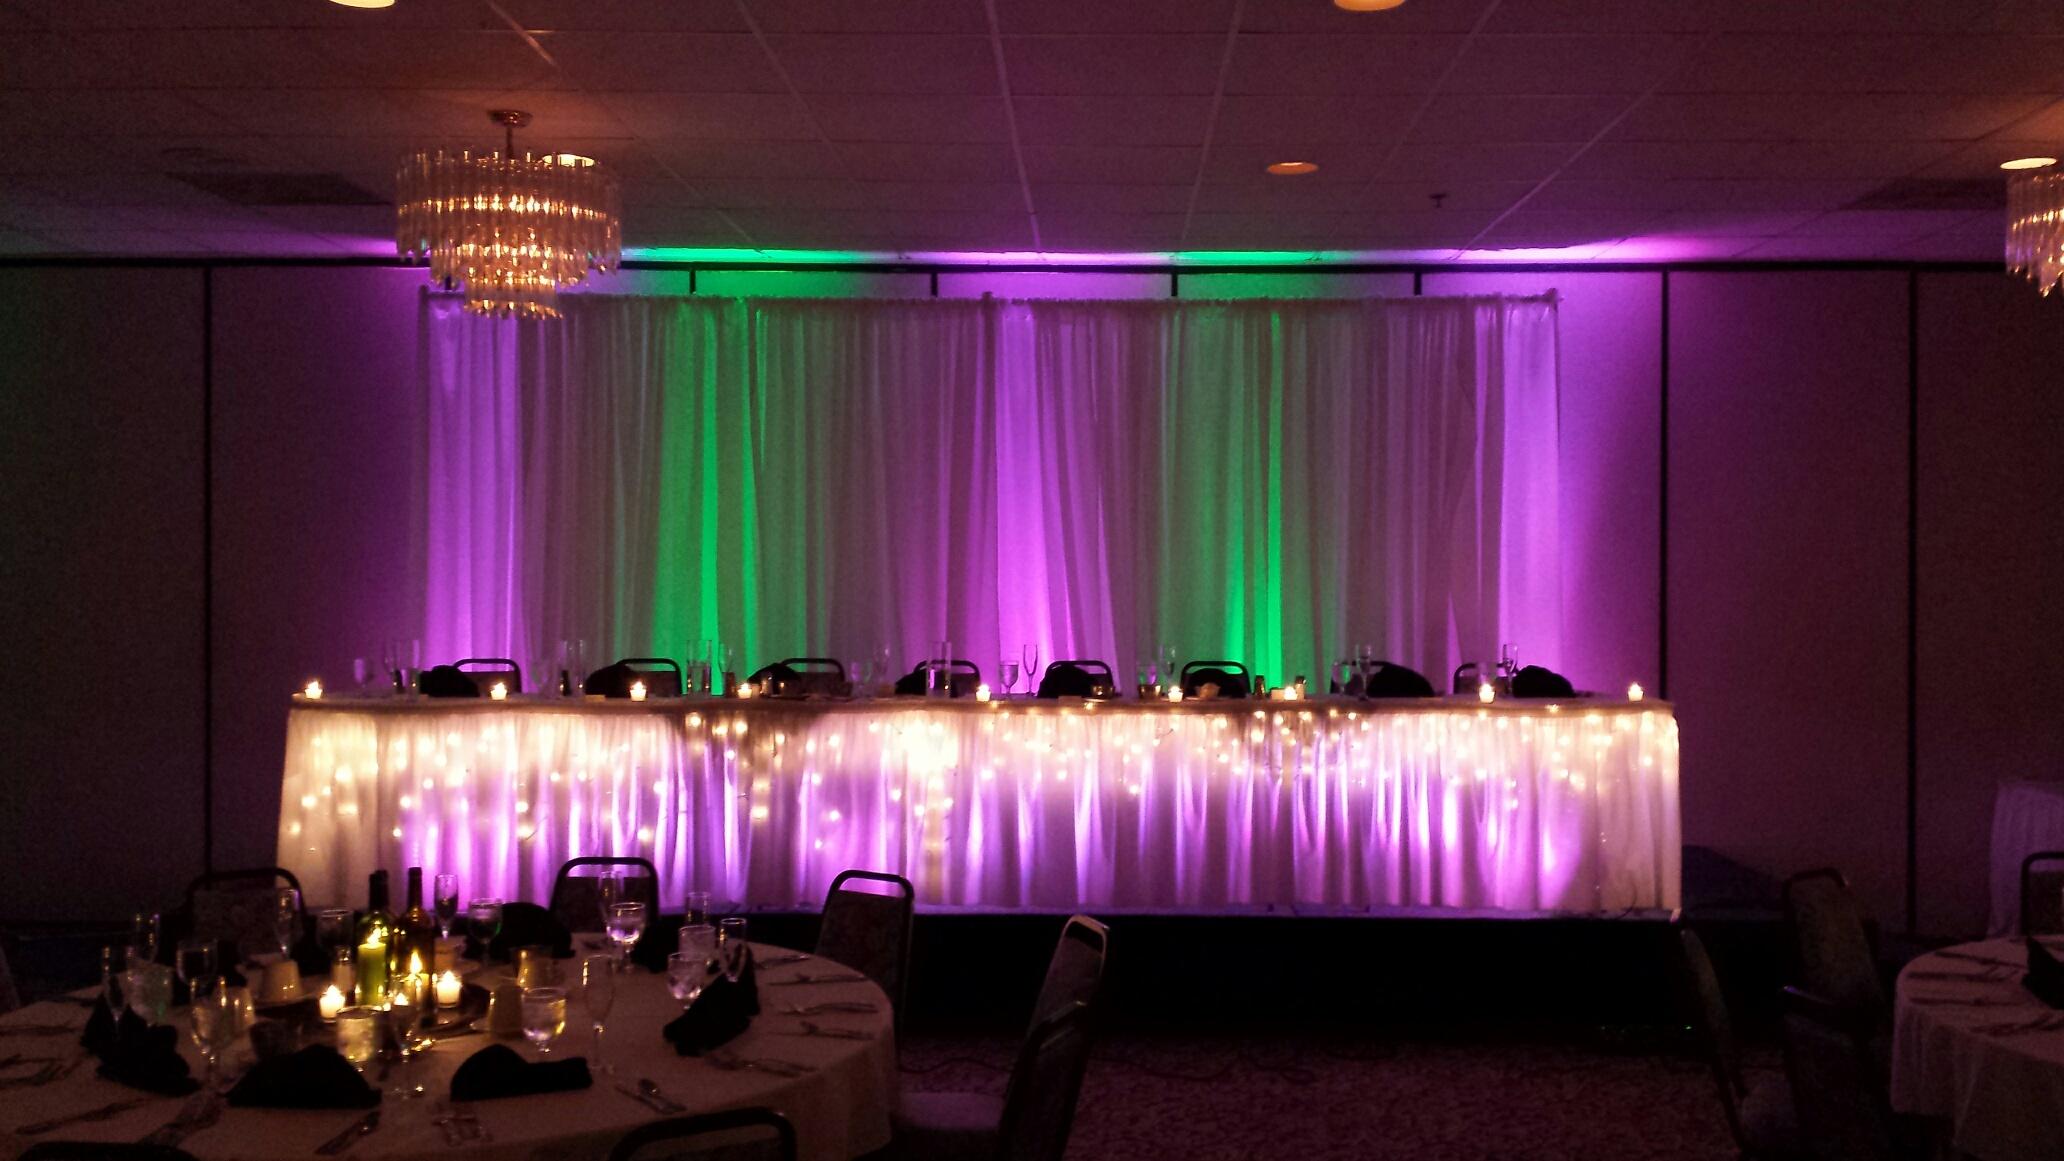 UPLIGHTING _BRIDE'S & GROOM'S TABLE.jpg